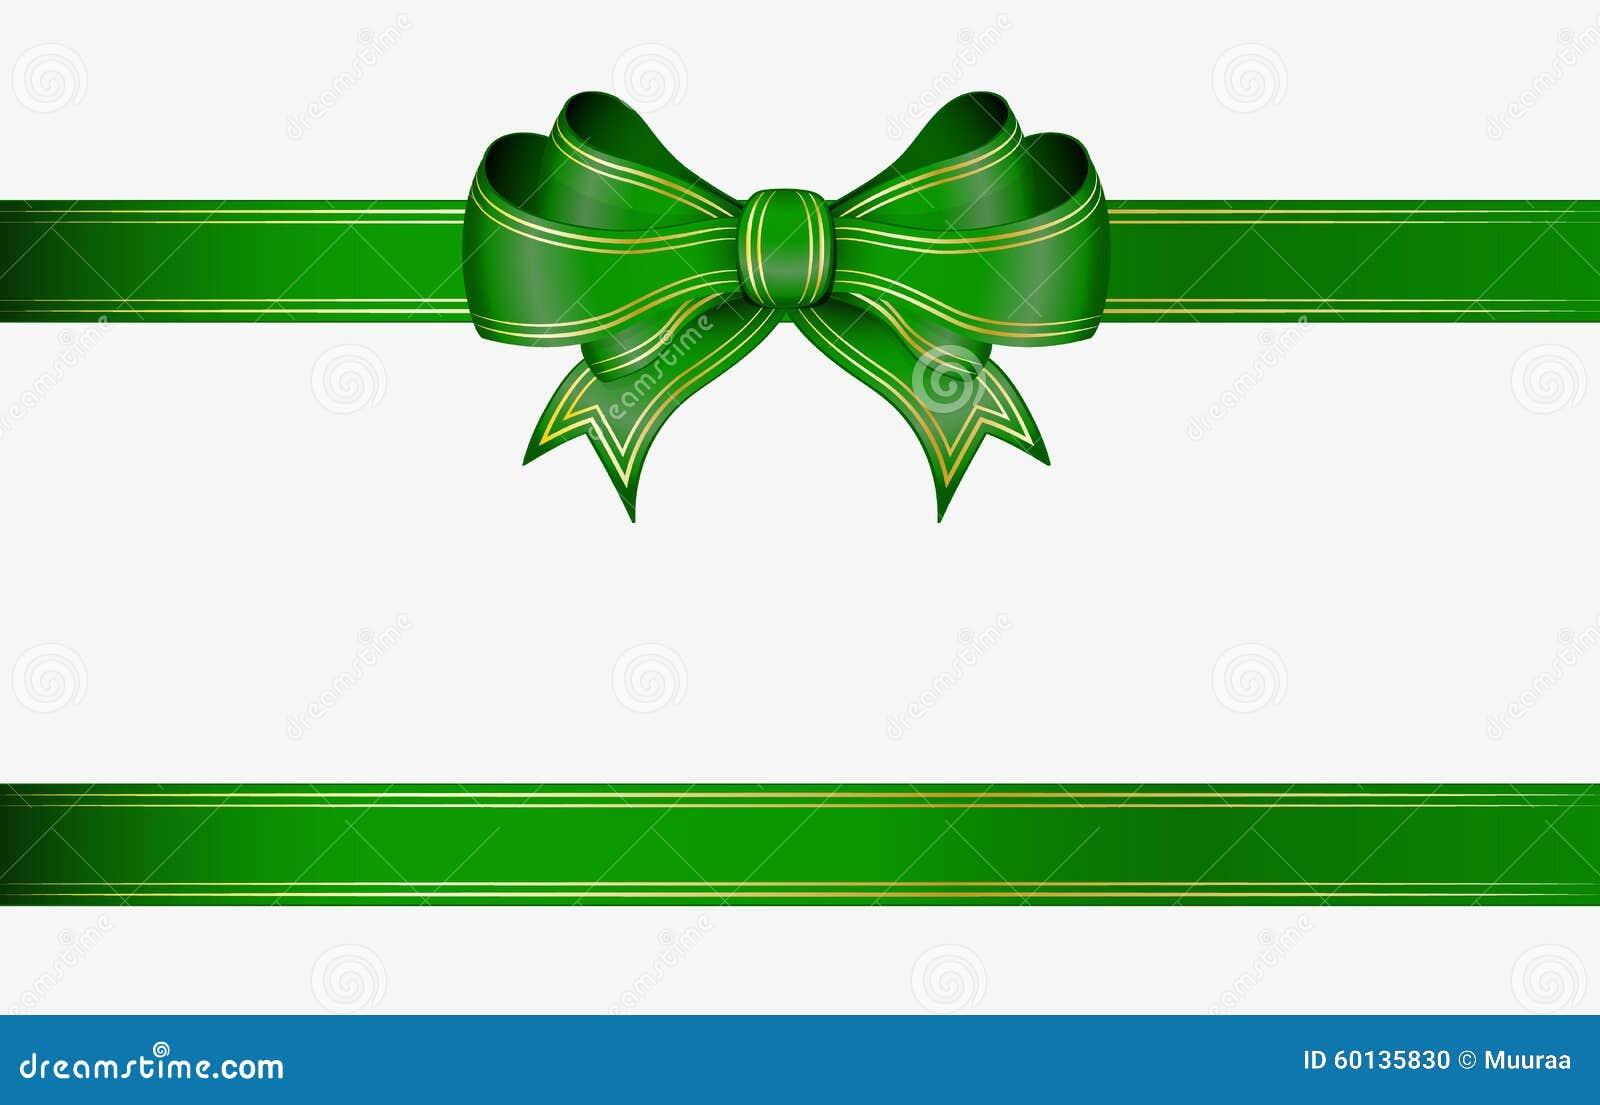 Grünes Band und Bogen